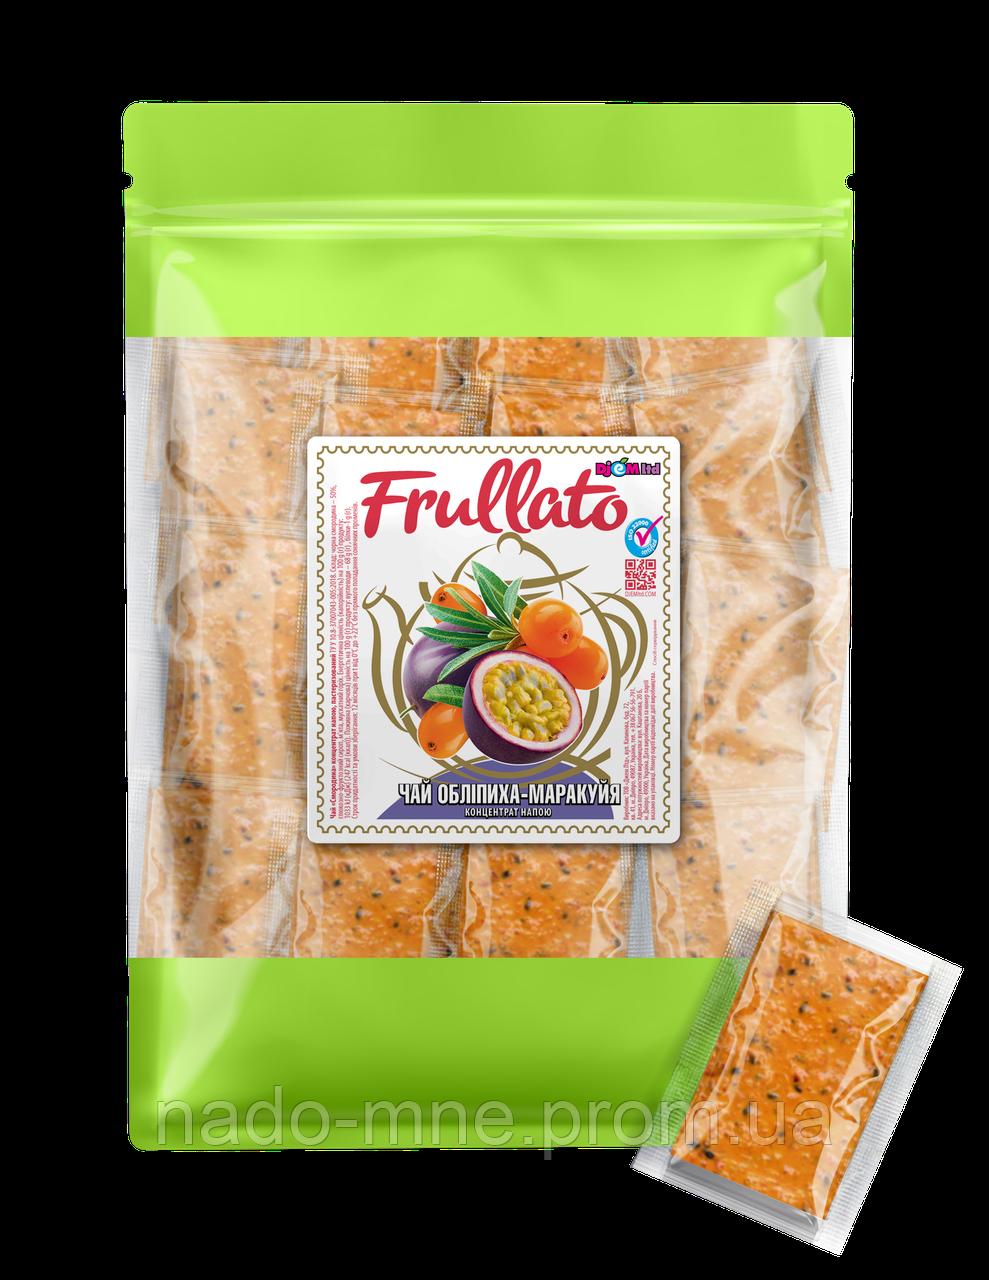 Чай Frullato натуральный Облепиха-маракуйя, 1 шт х 40 г